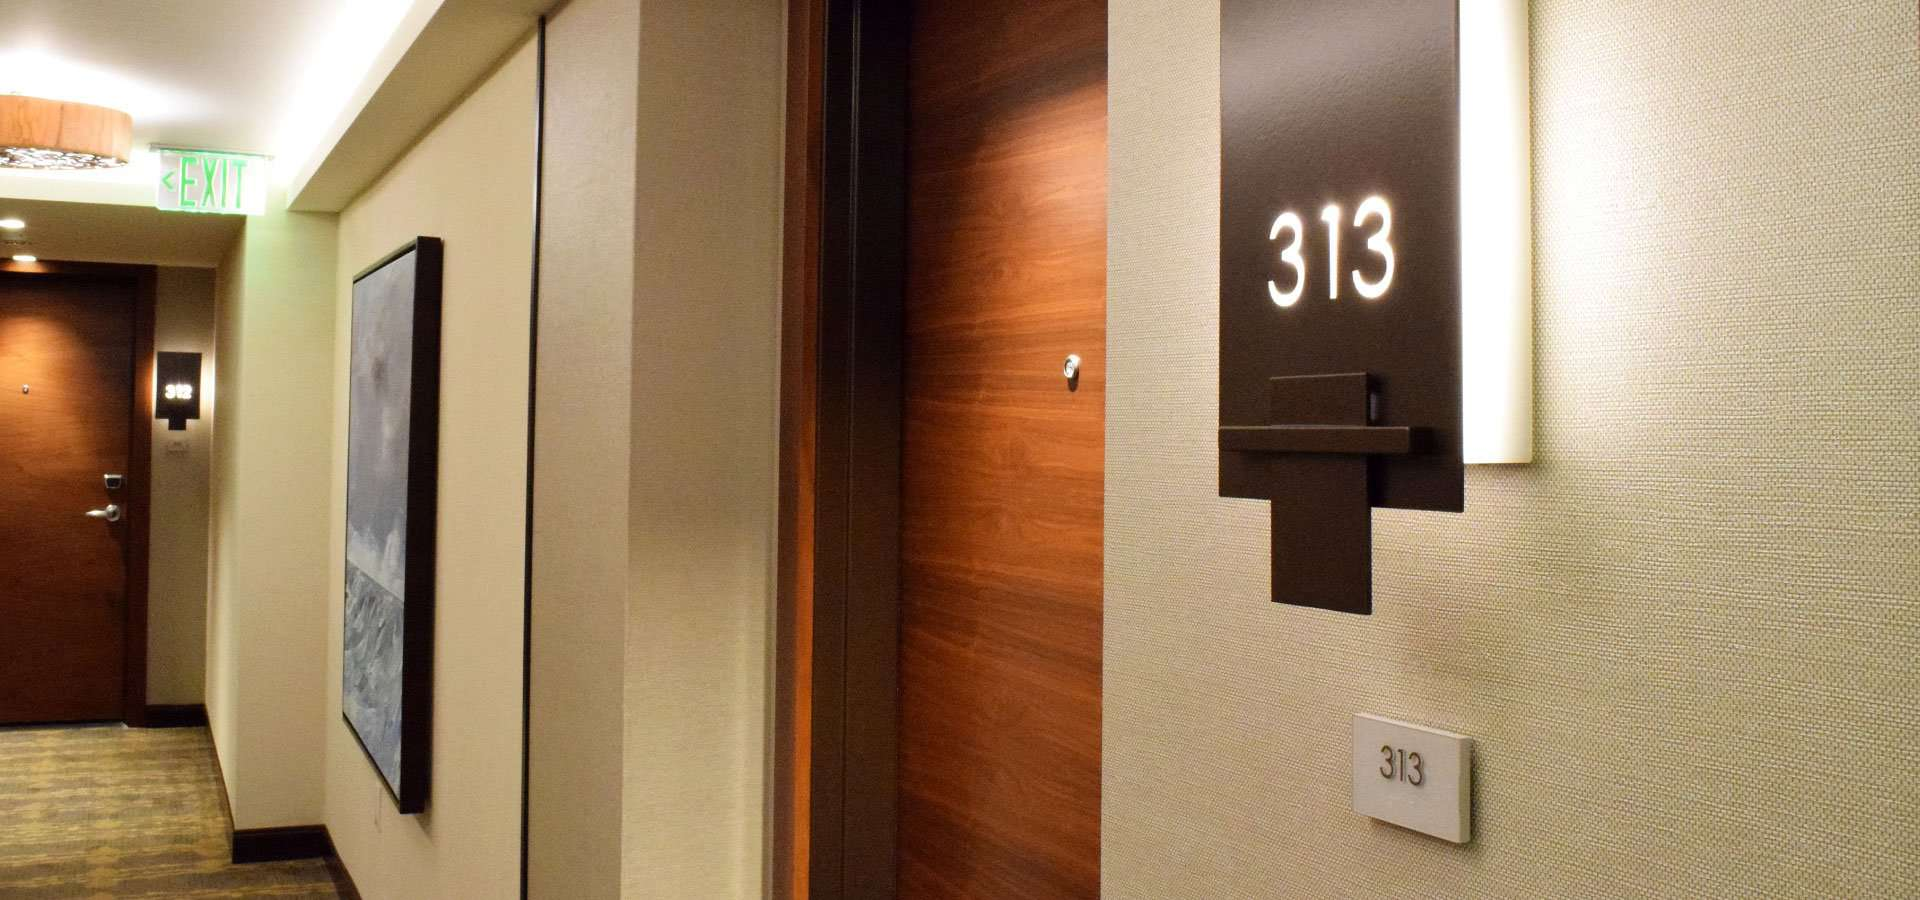 Room Number Signage